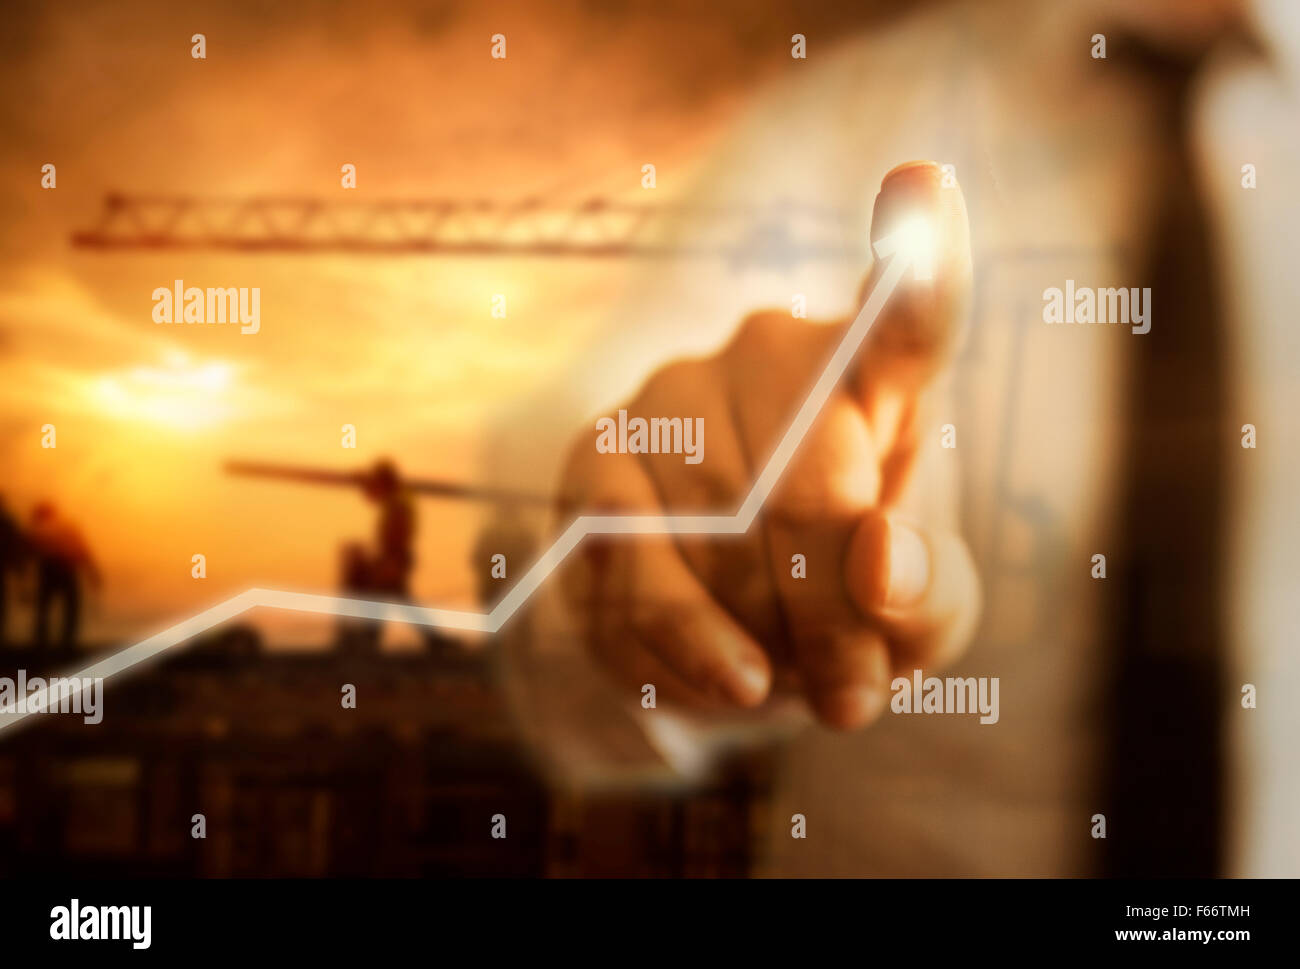 La crescita del business con il concetto di costruzione Immagini Stock